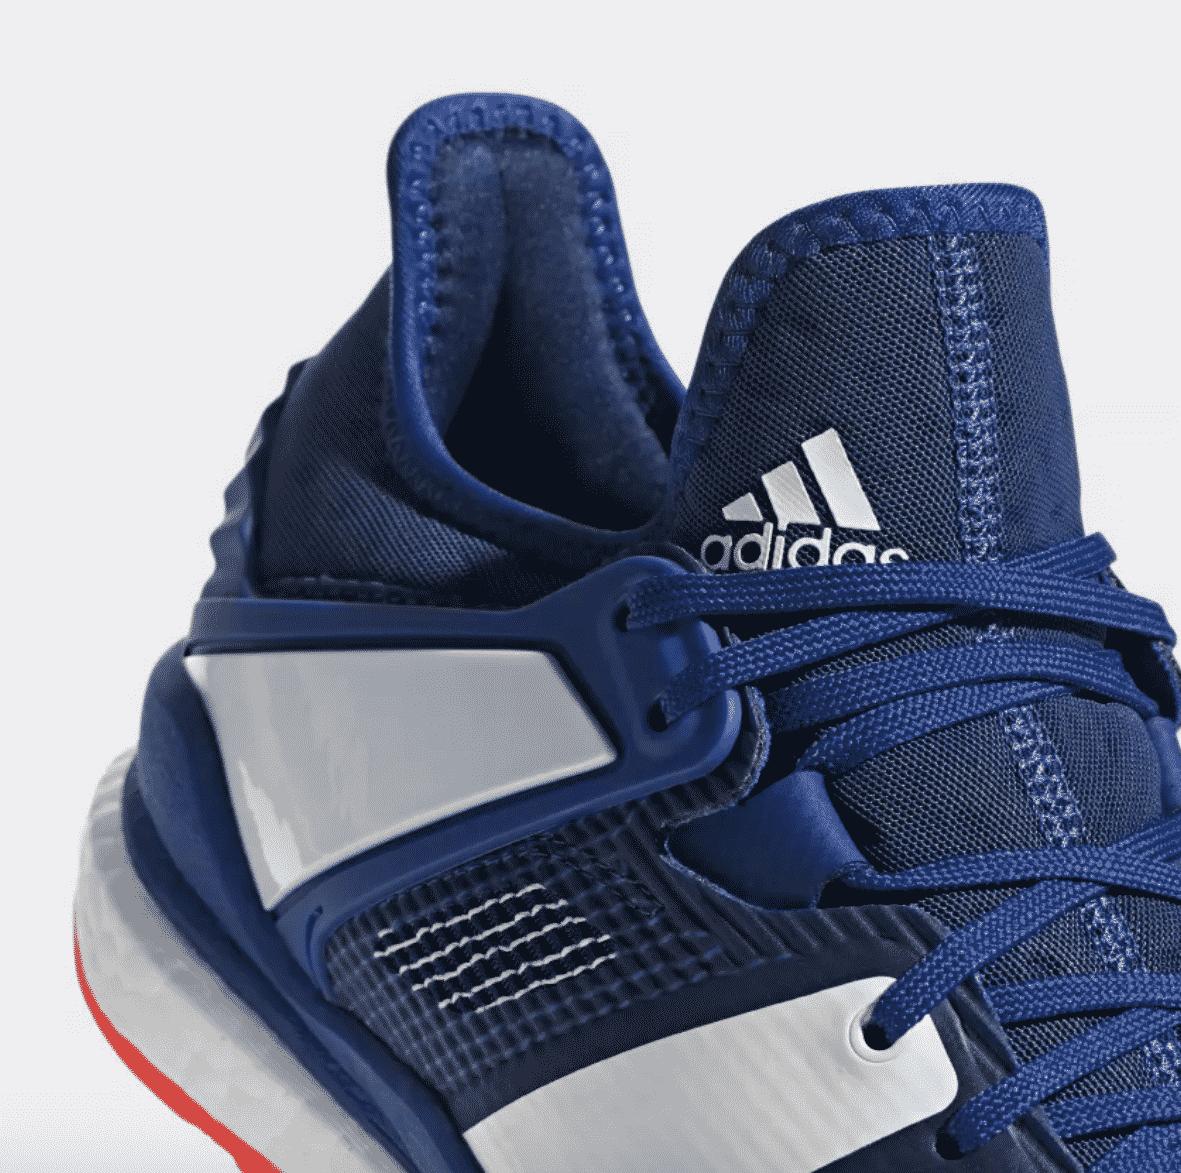 adidas-stabil-x-handball-6